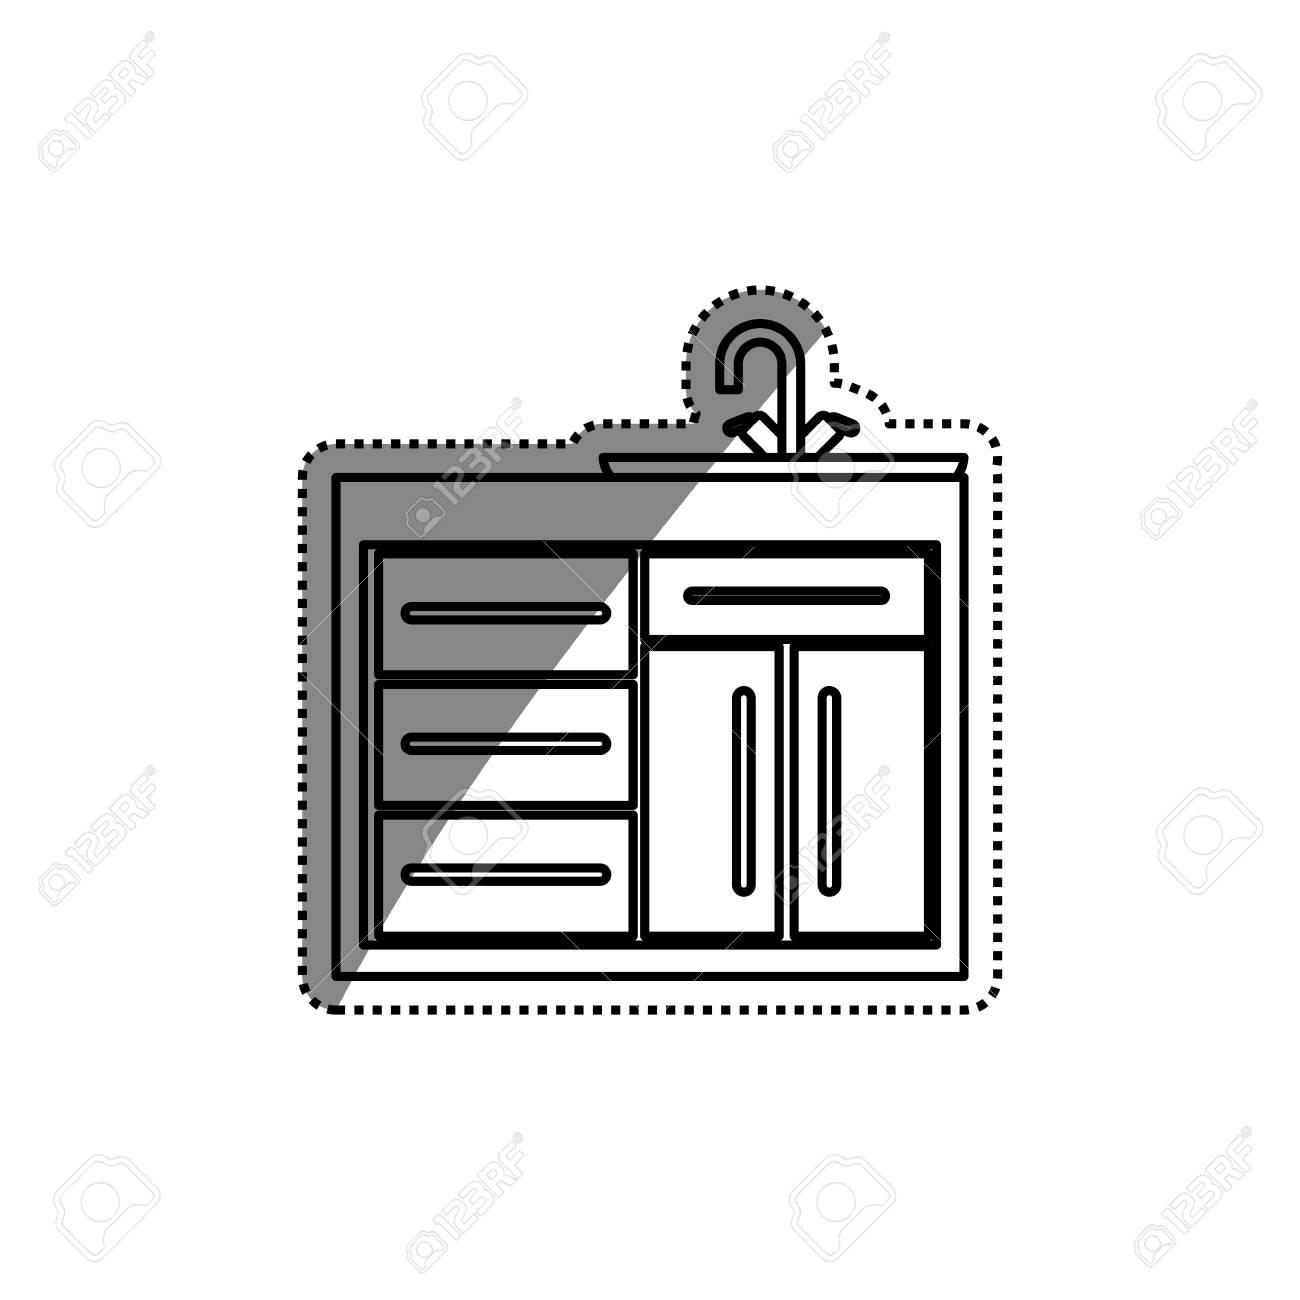 Küchenschrank Design Icon Illustration Grafik Design. Lizenzfrei ...